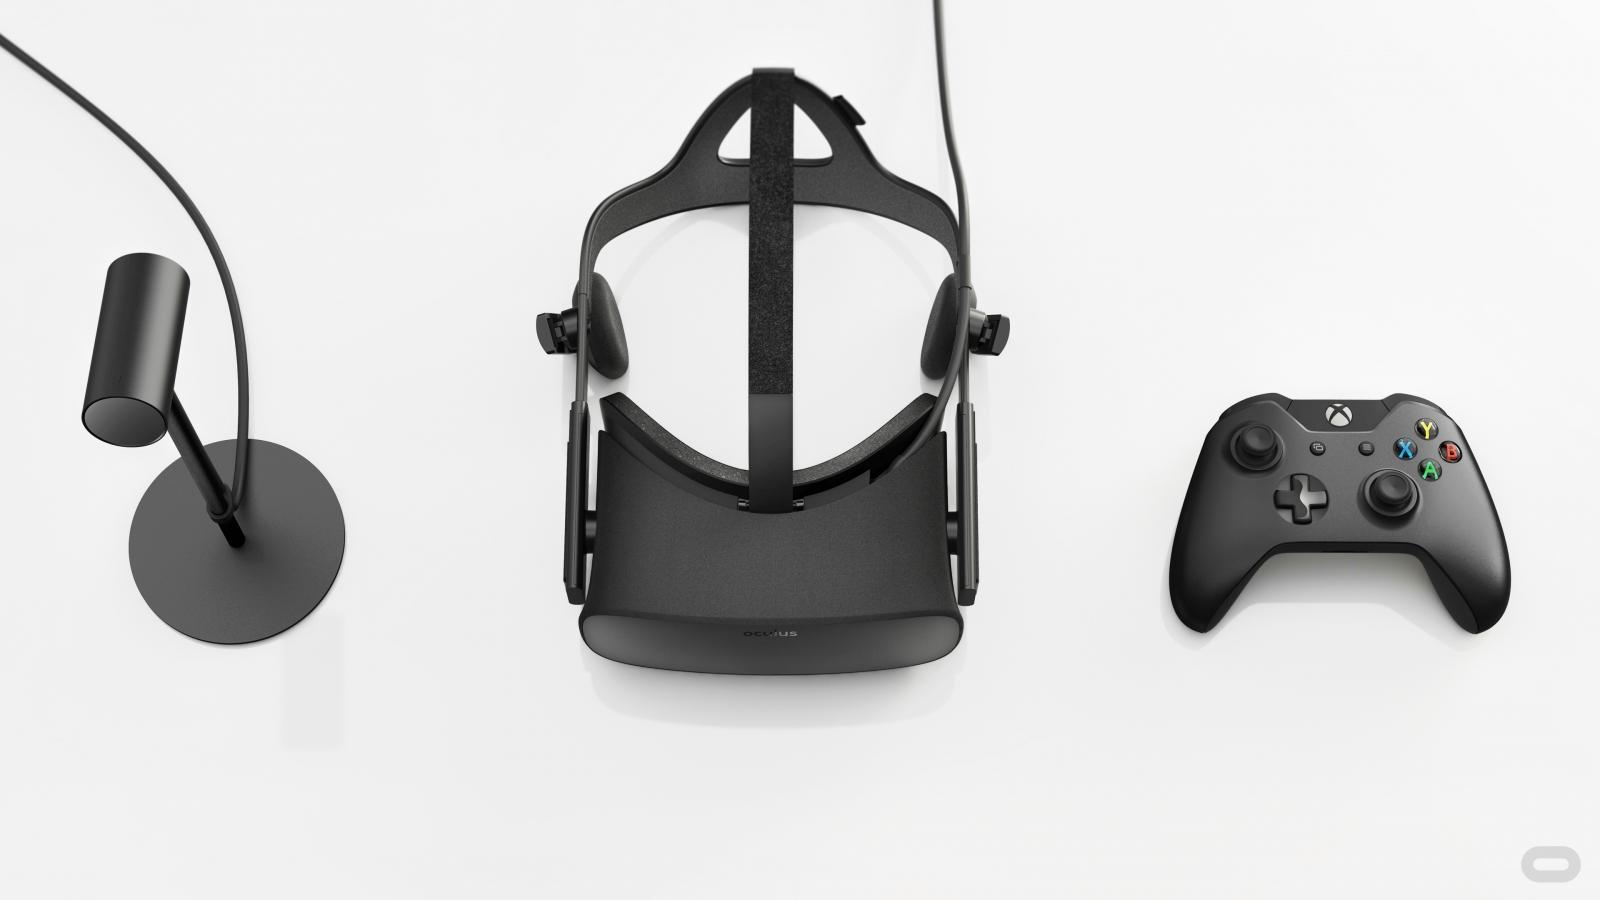 Oculus Rift kit